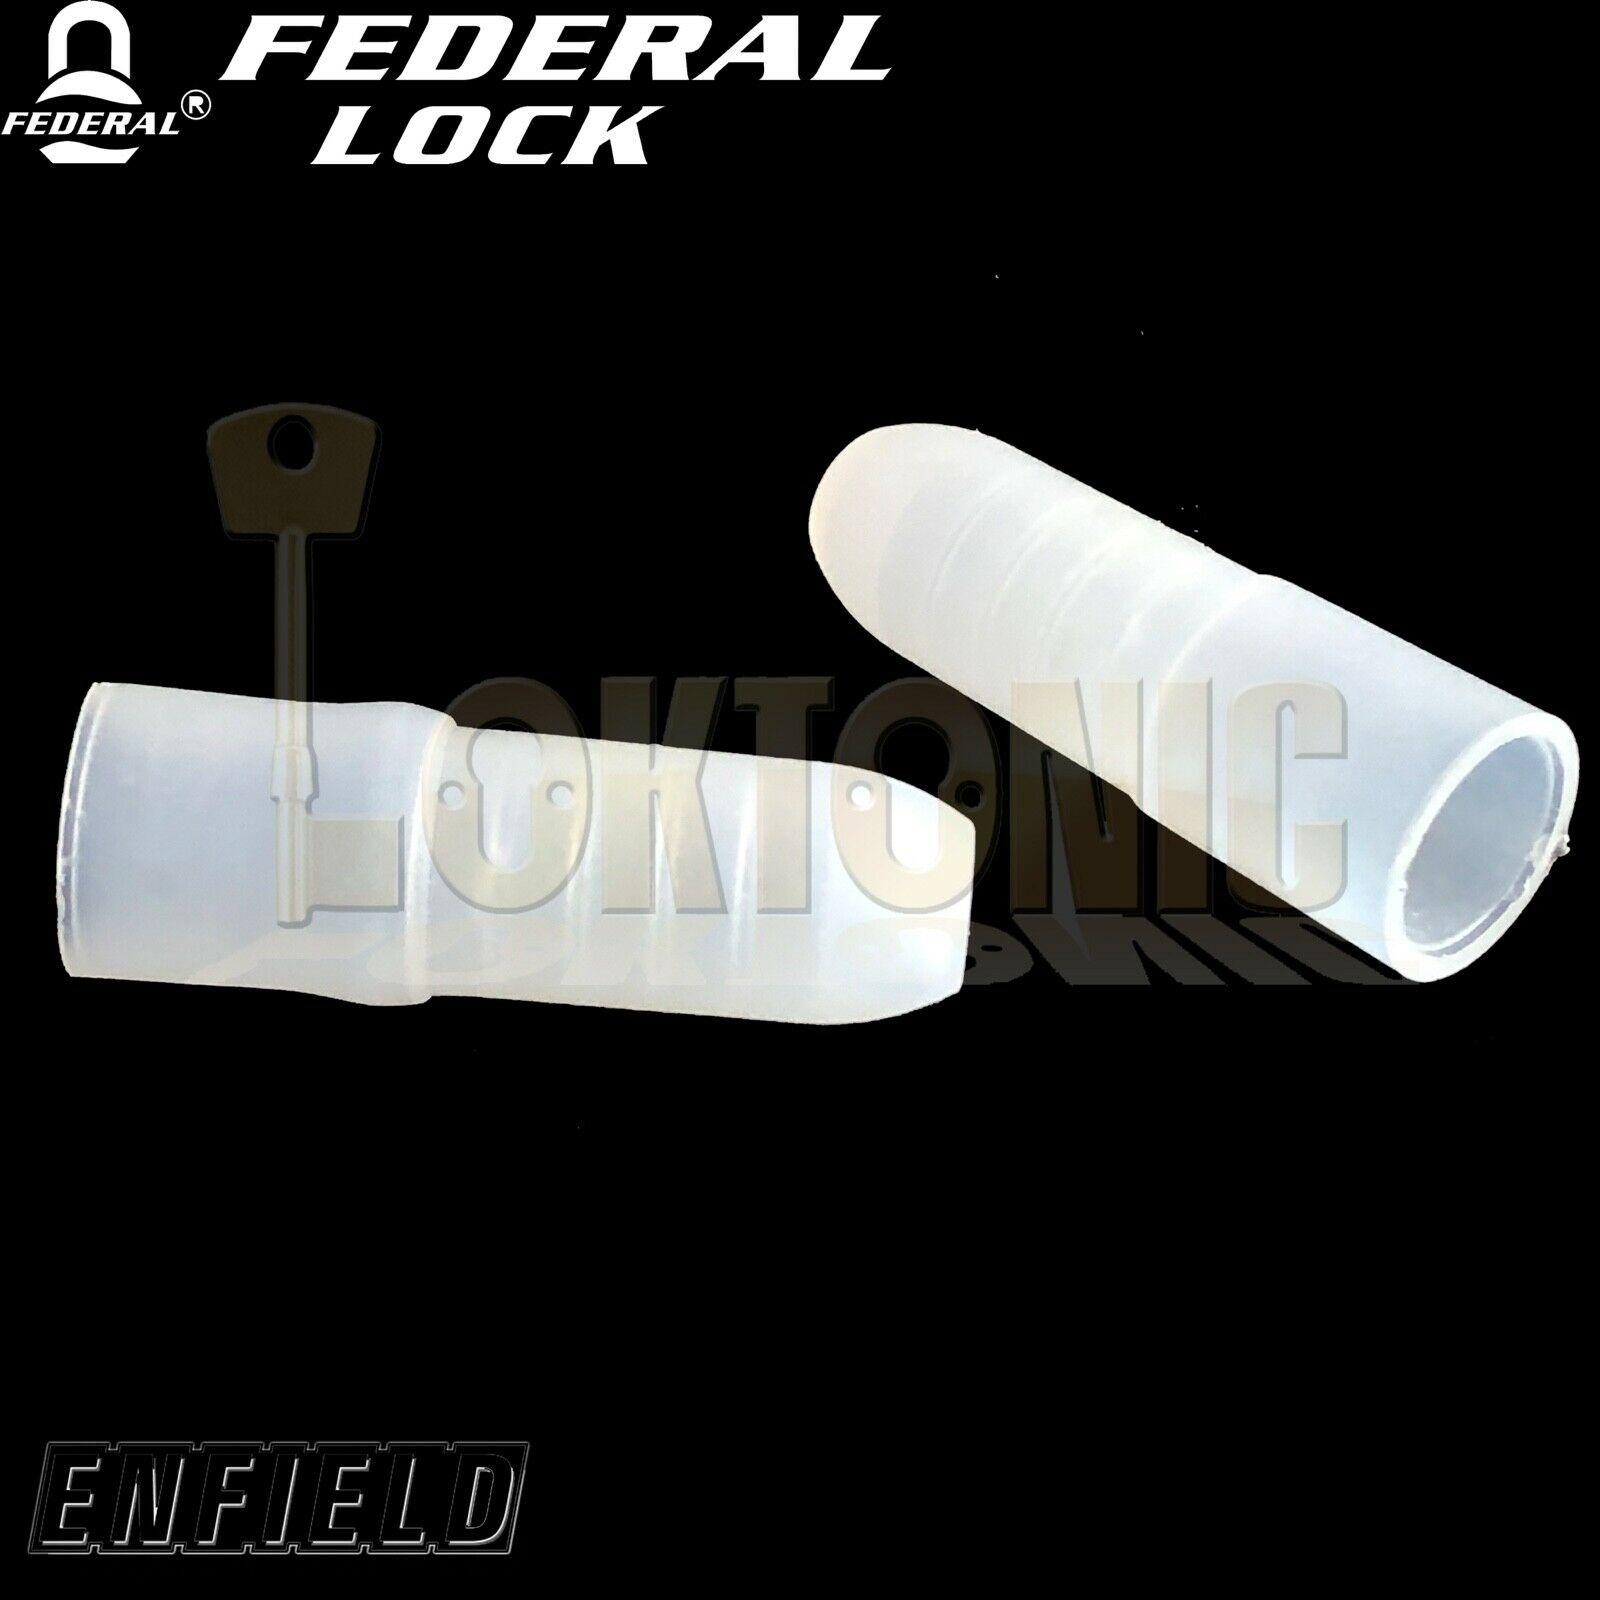 Enfield D613 Spare Garage Door Bolt Key Caps Pocket Protectors